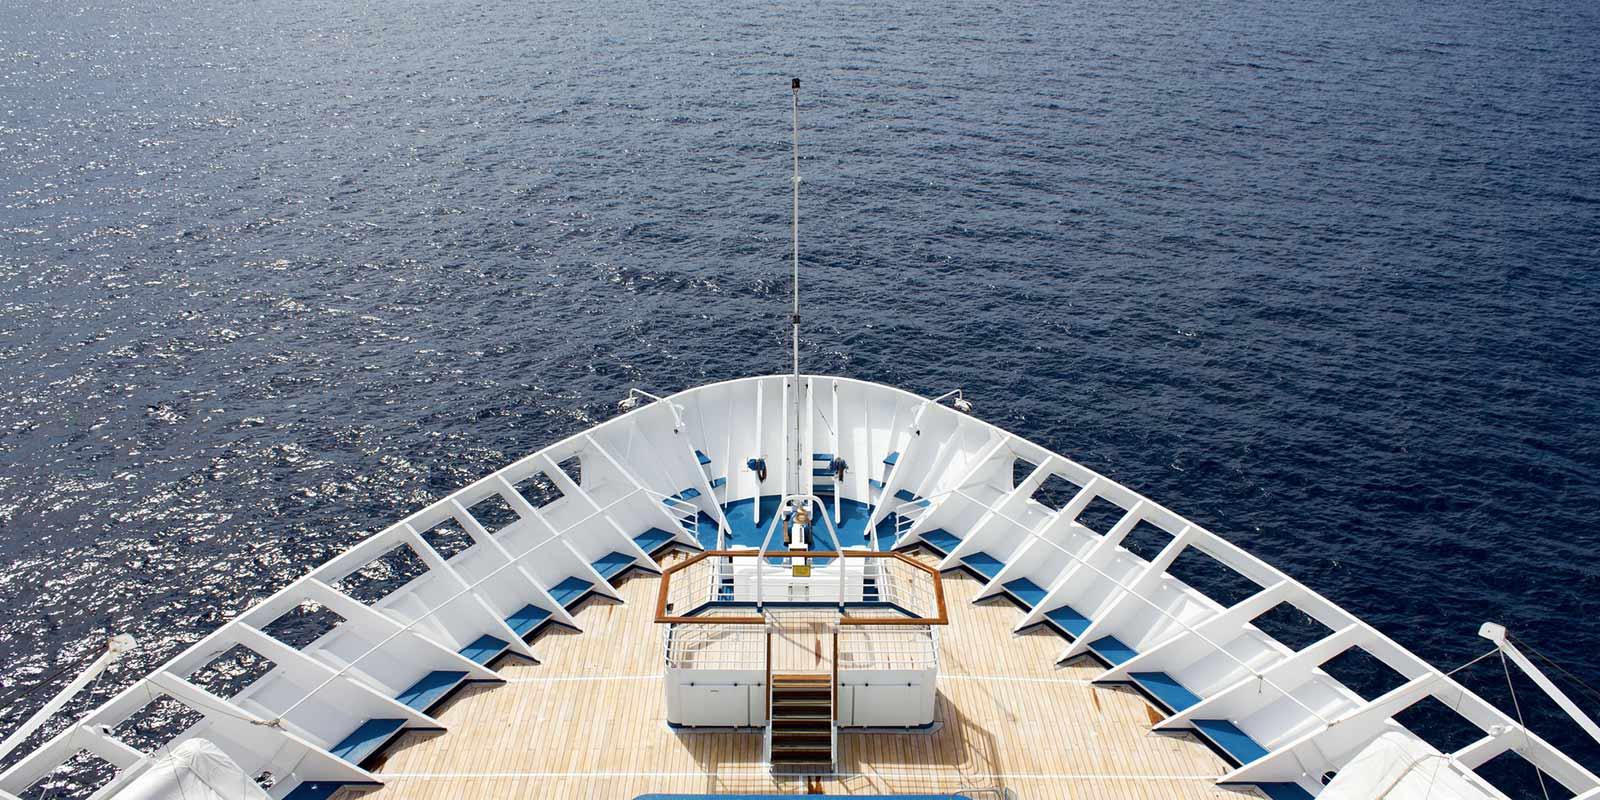 Vacanze in crociera: 5 buoni motivi per viaggiare e divertirsi in nave!